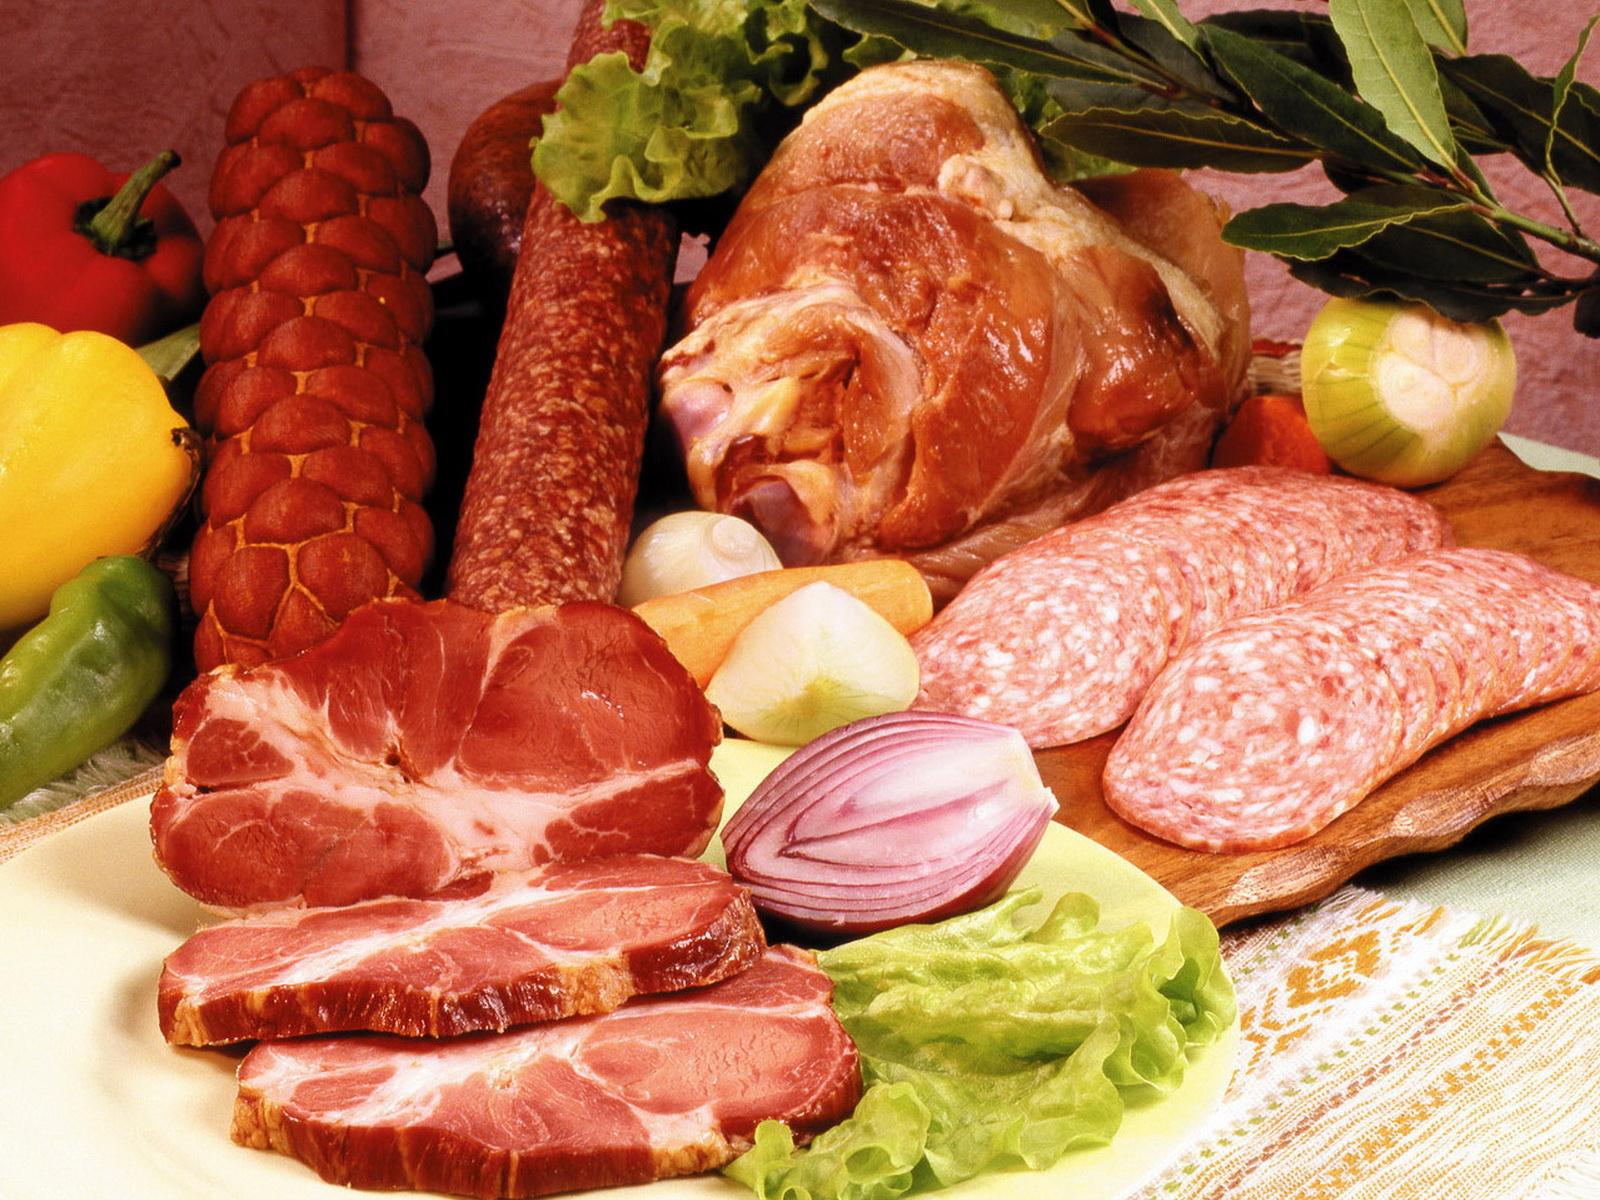 рецепт мяса по гавайски с фото #15